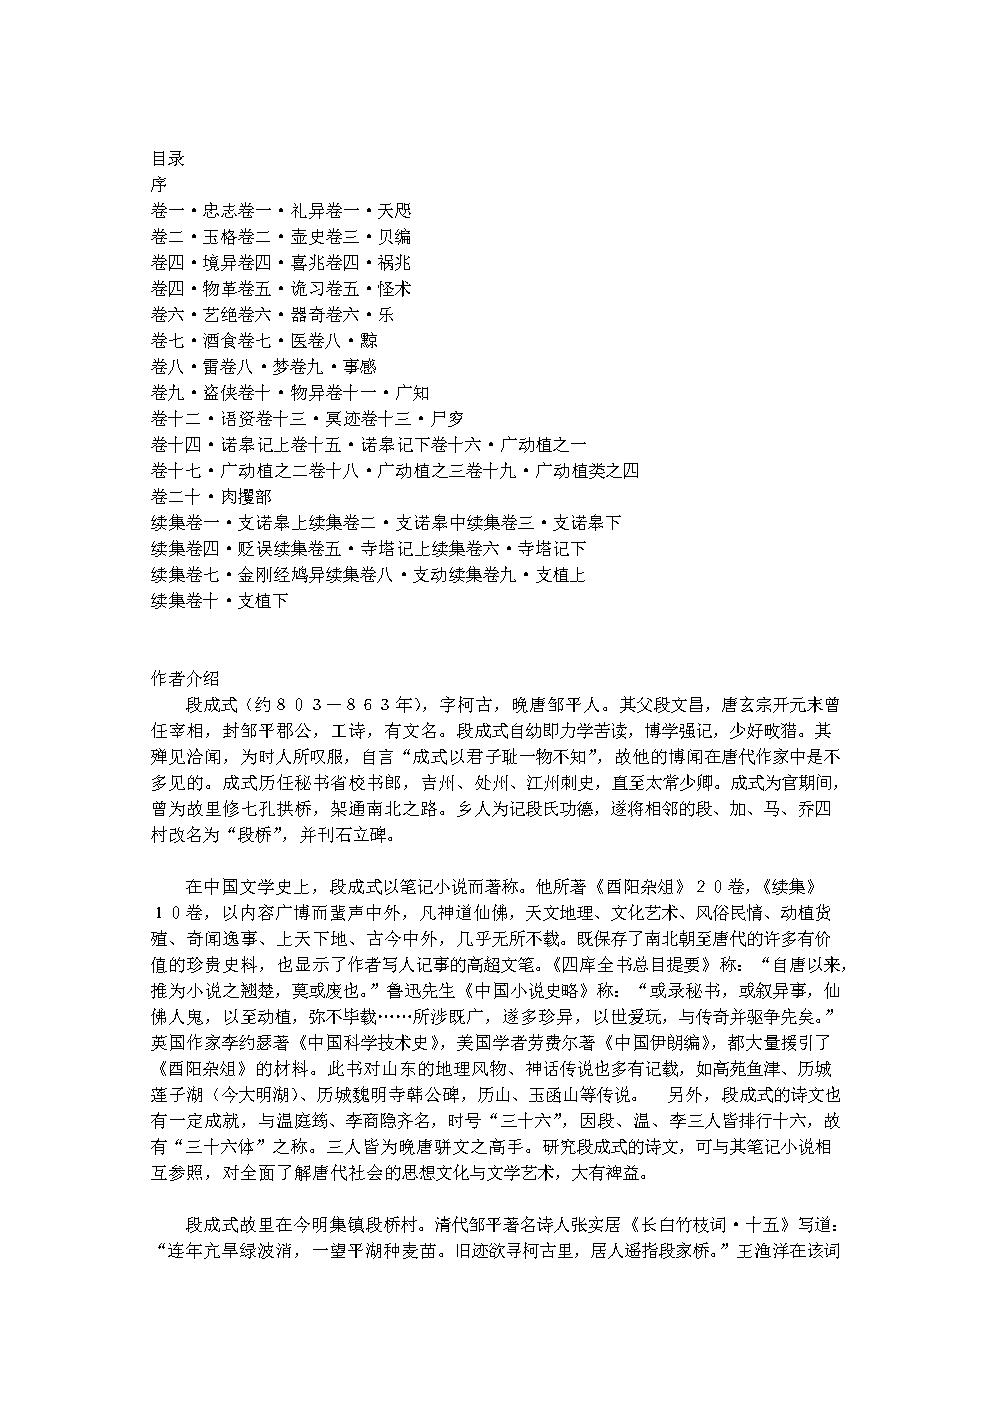 酉阳杂俎-段成式.docx